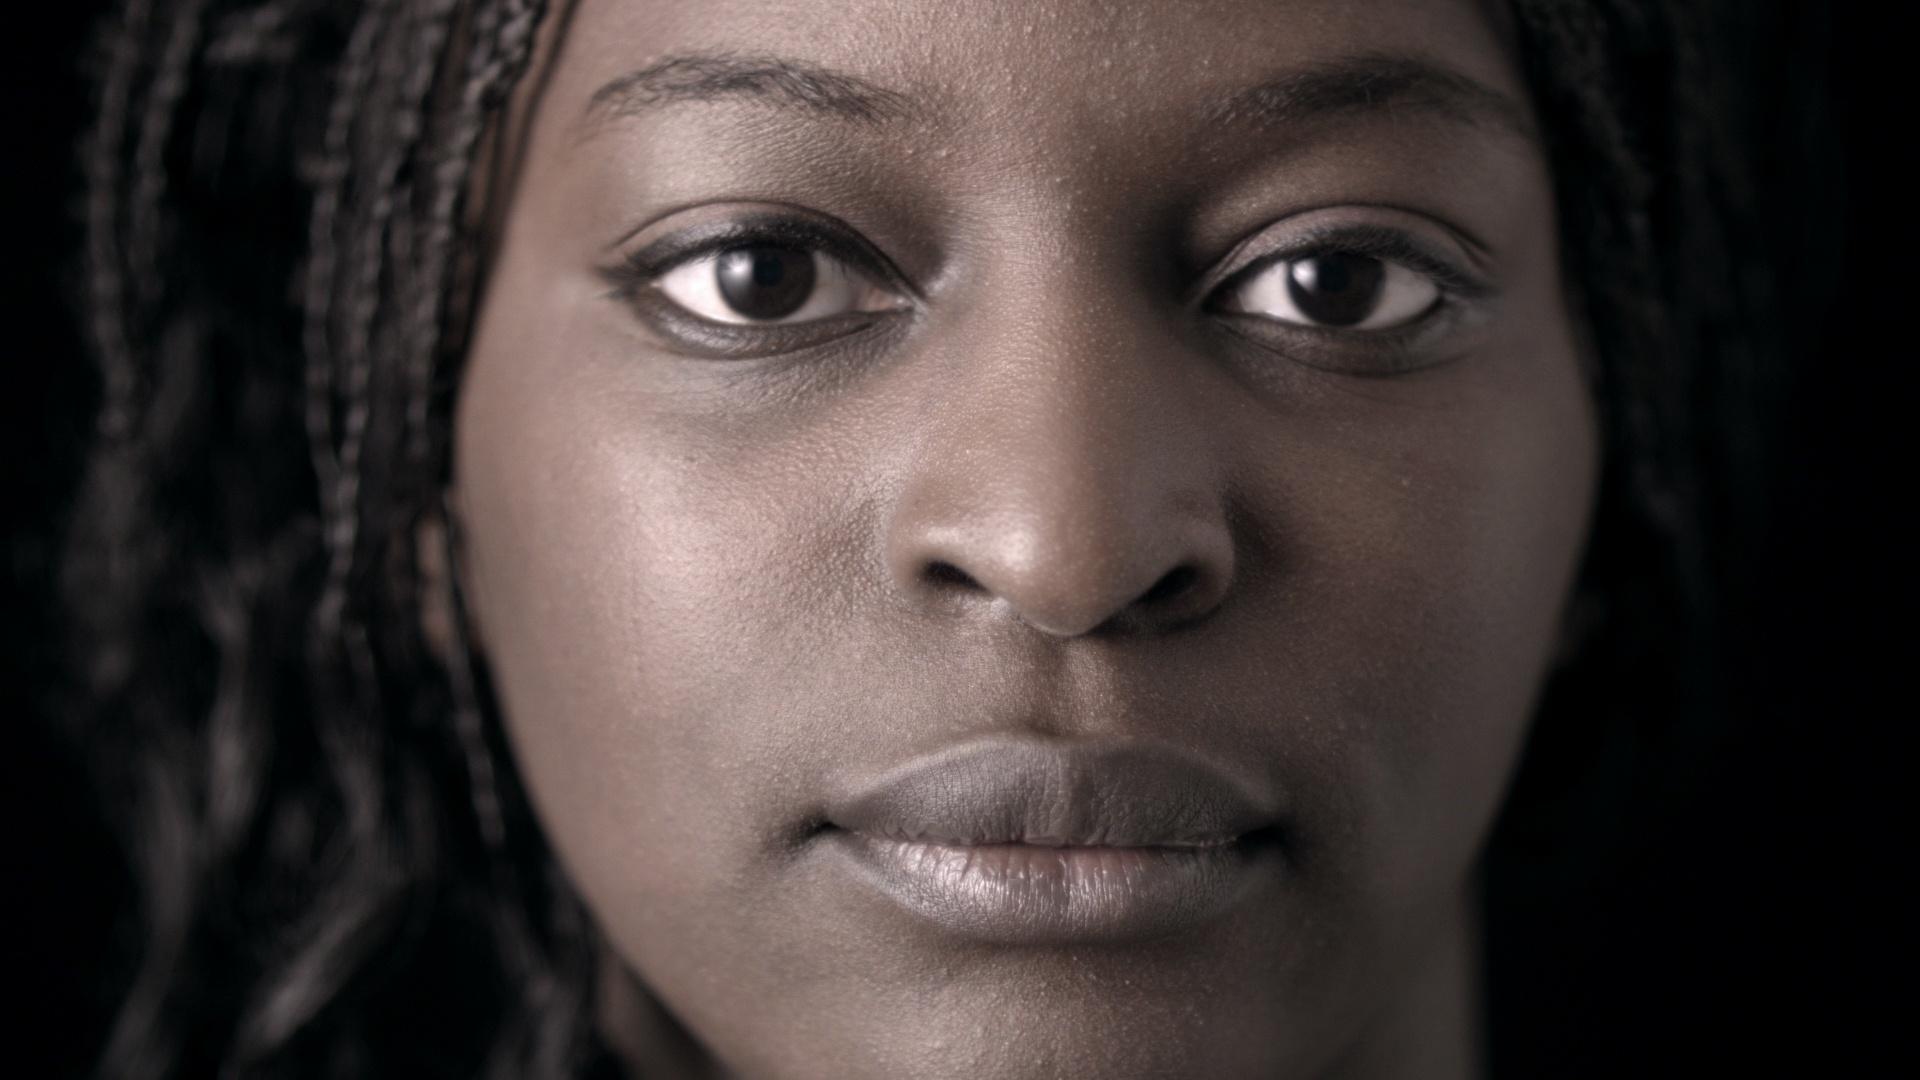 Ouvrir la voix : le documentaire afroféministe qui bouscule les codes